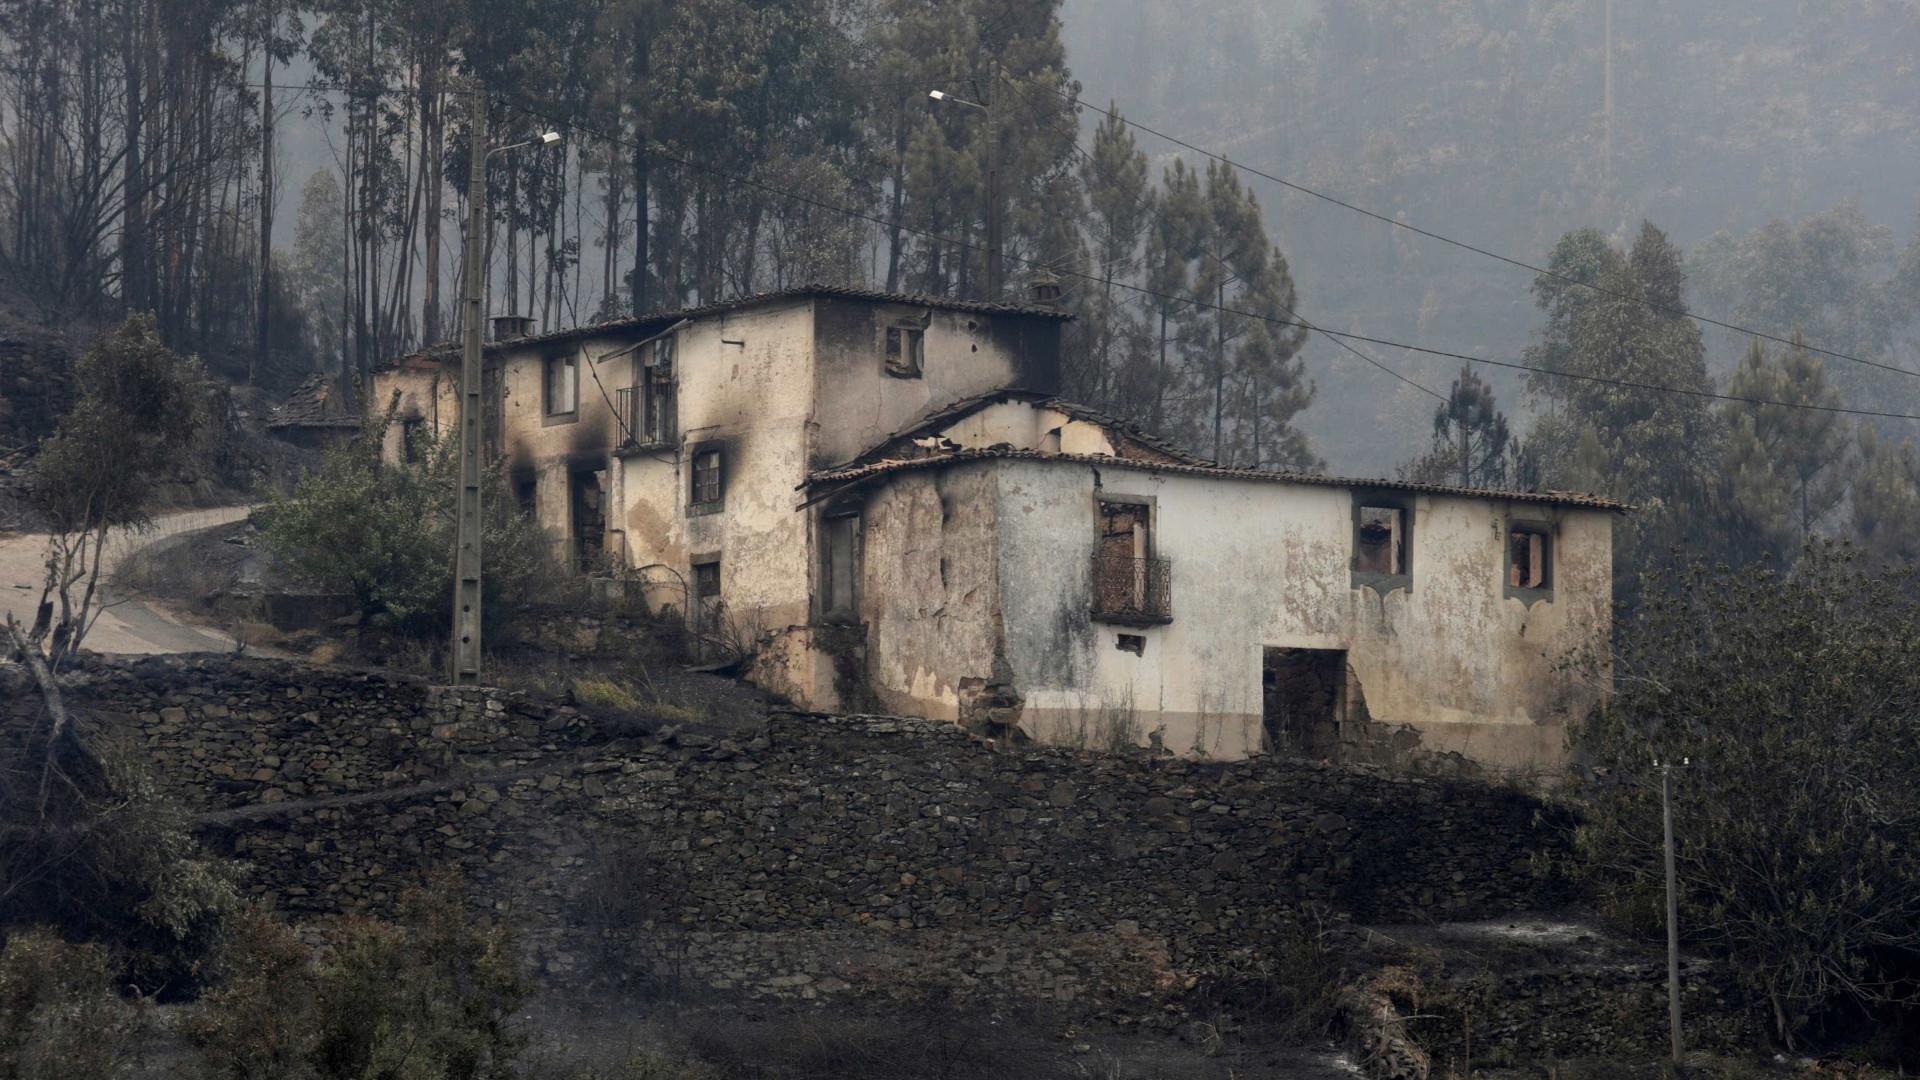 Número de casas afetadas em Pedrógão Grande sobe para 90